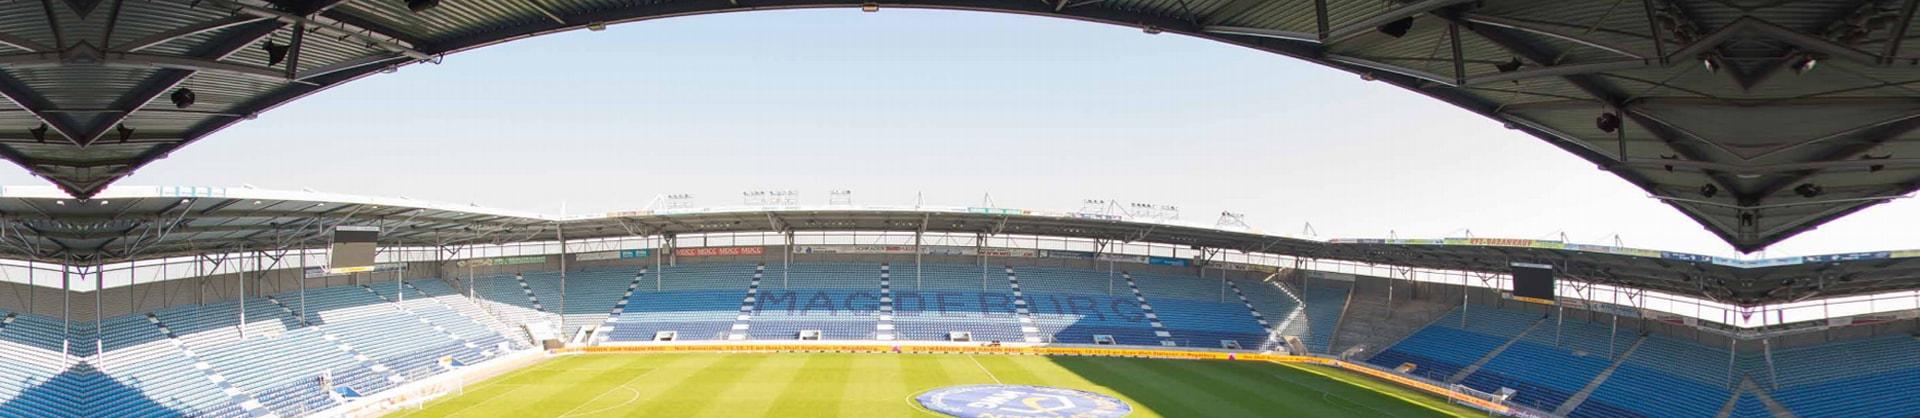 Block U bleibt in Zukunft von allen Spielen gegen Halle fern